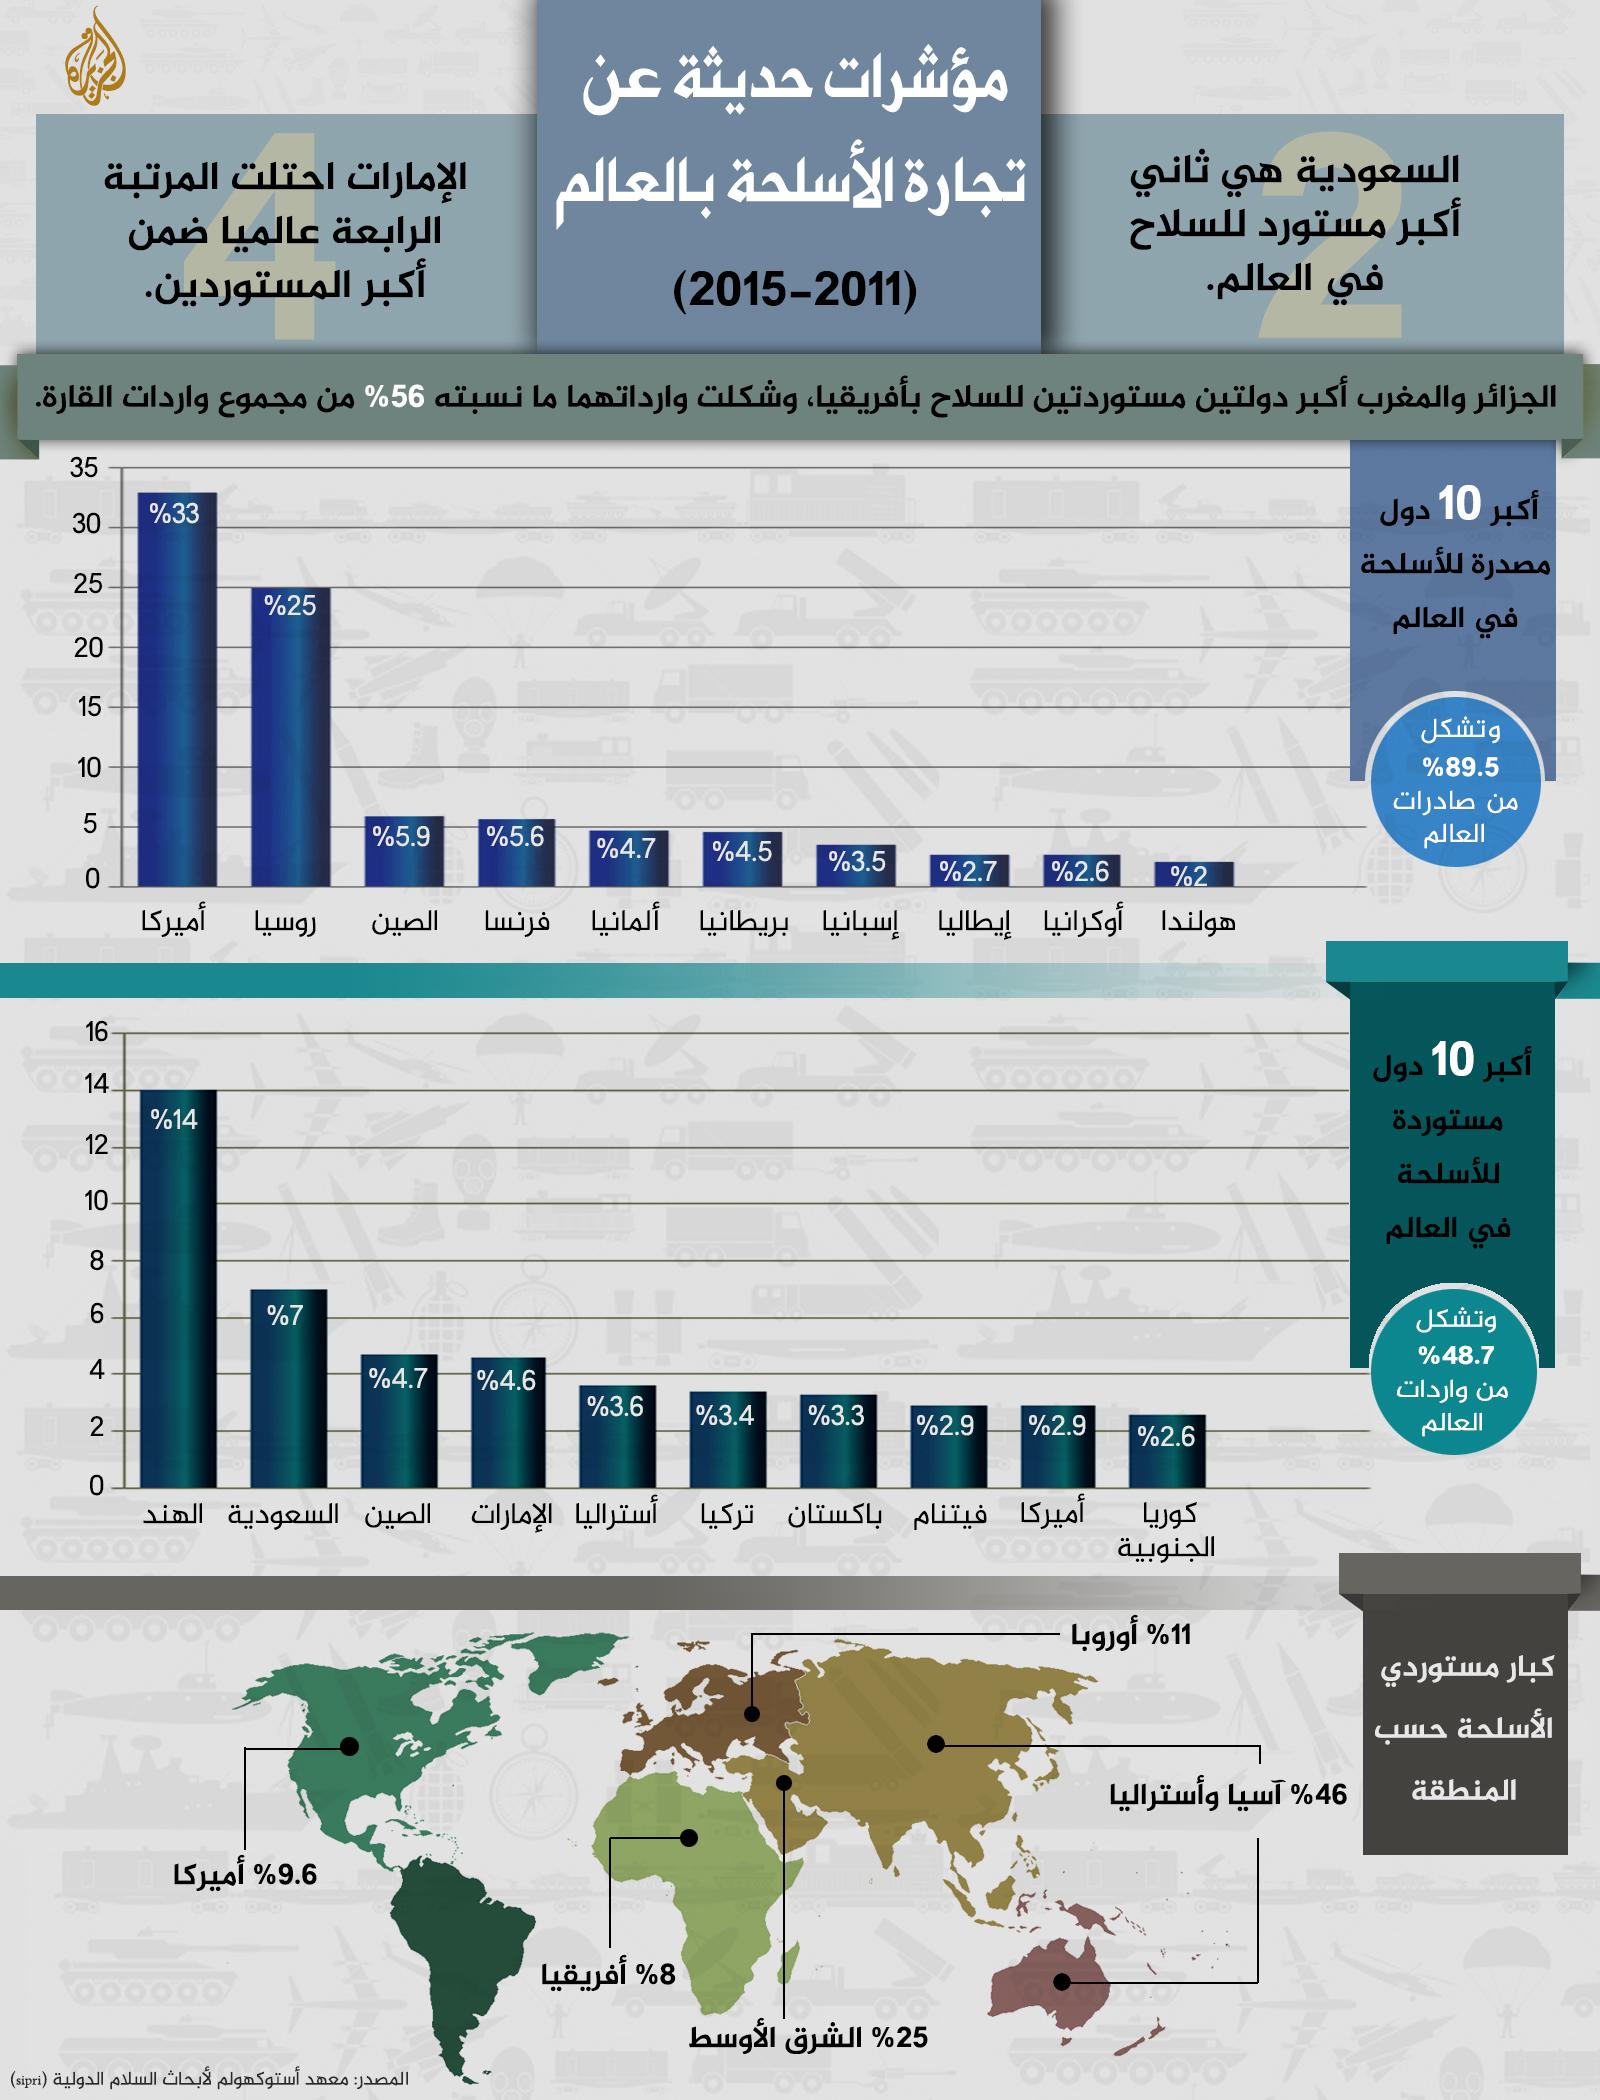 حجم التداول الدولي للأسلحة بين 2011-2015